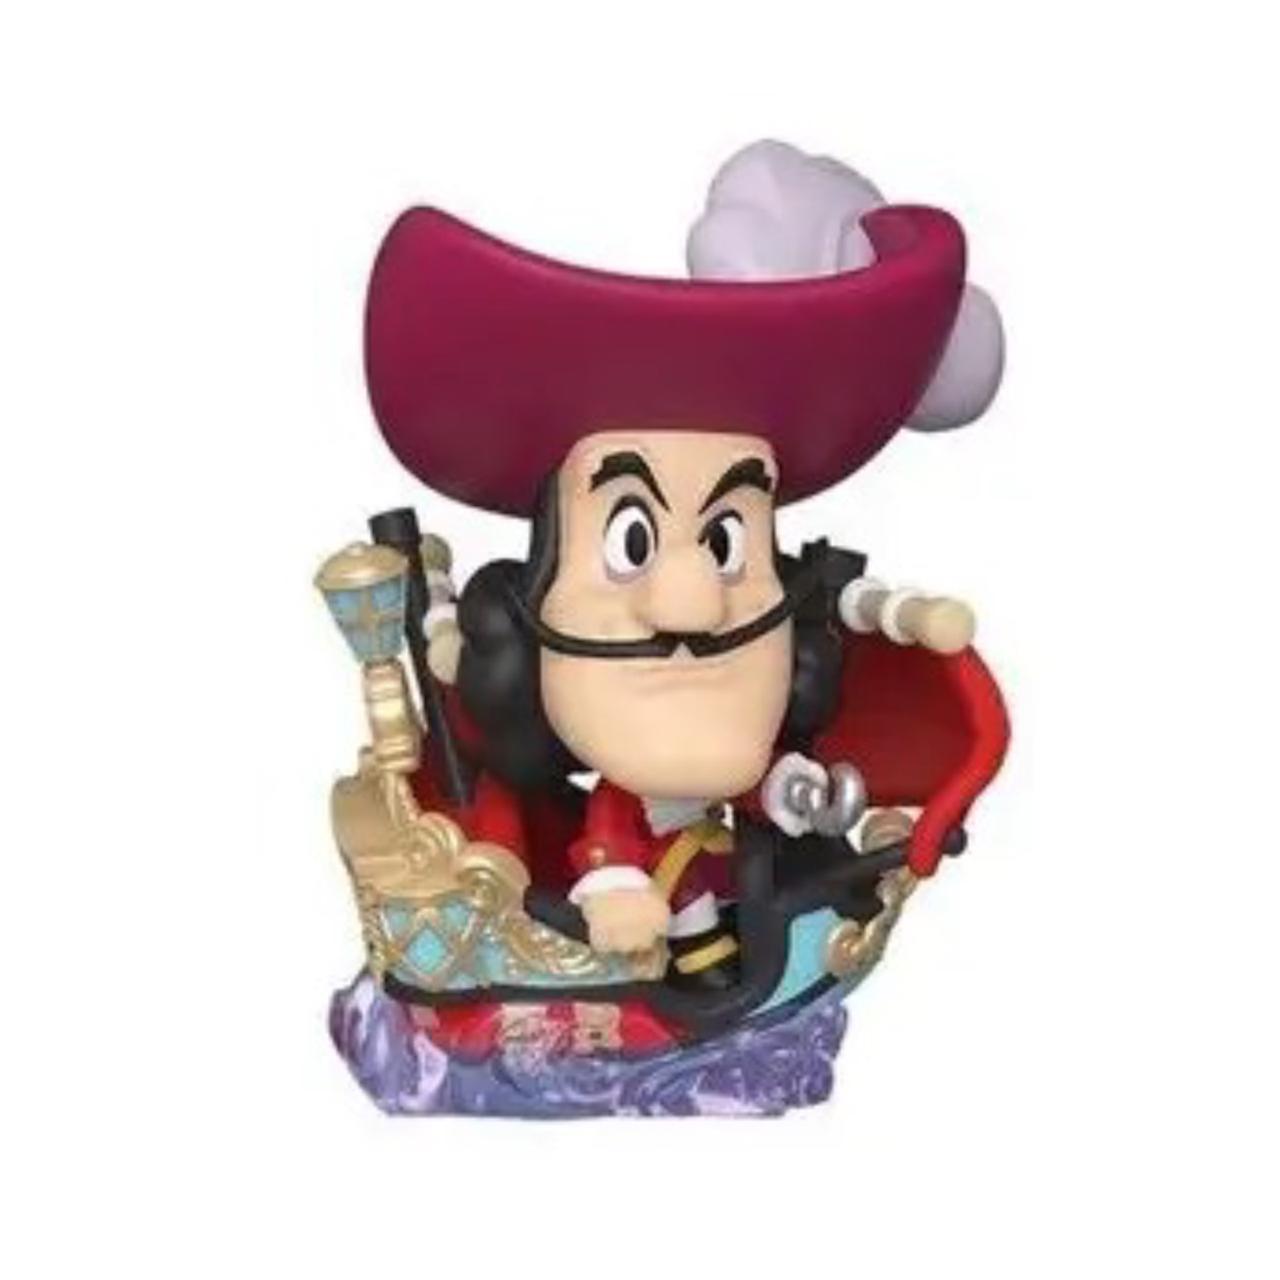 PRÉ VENDA: Funko Pop! Capitão Gancho no Barco (Aniversário 65 Anos) - Funko